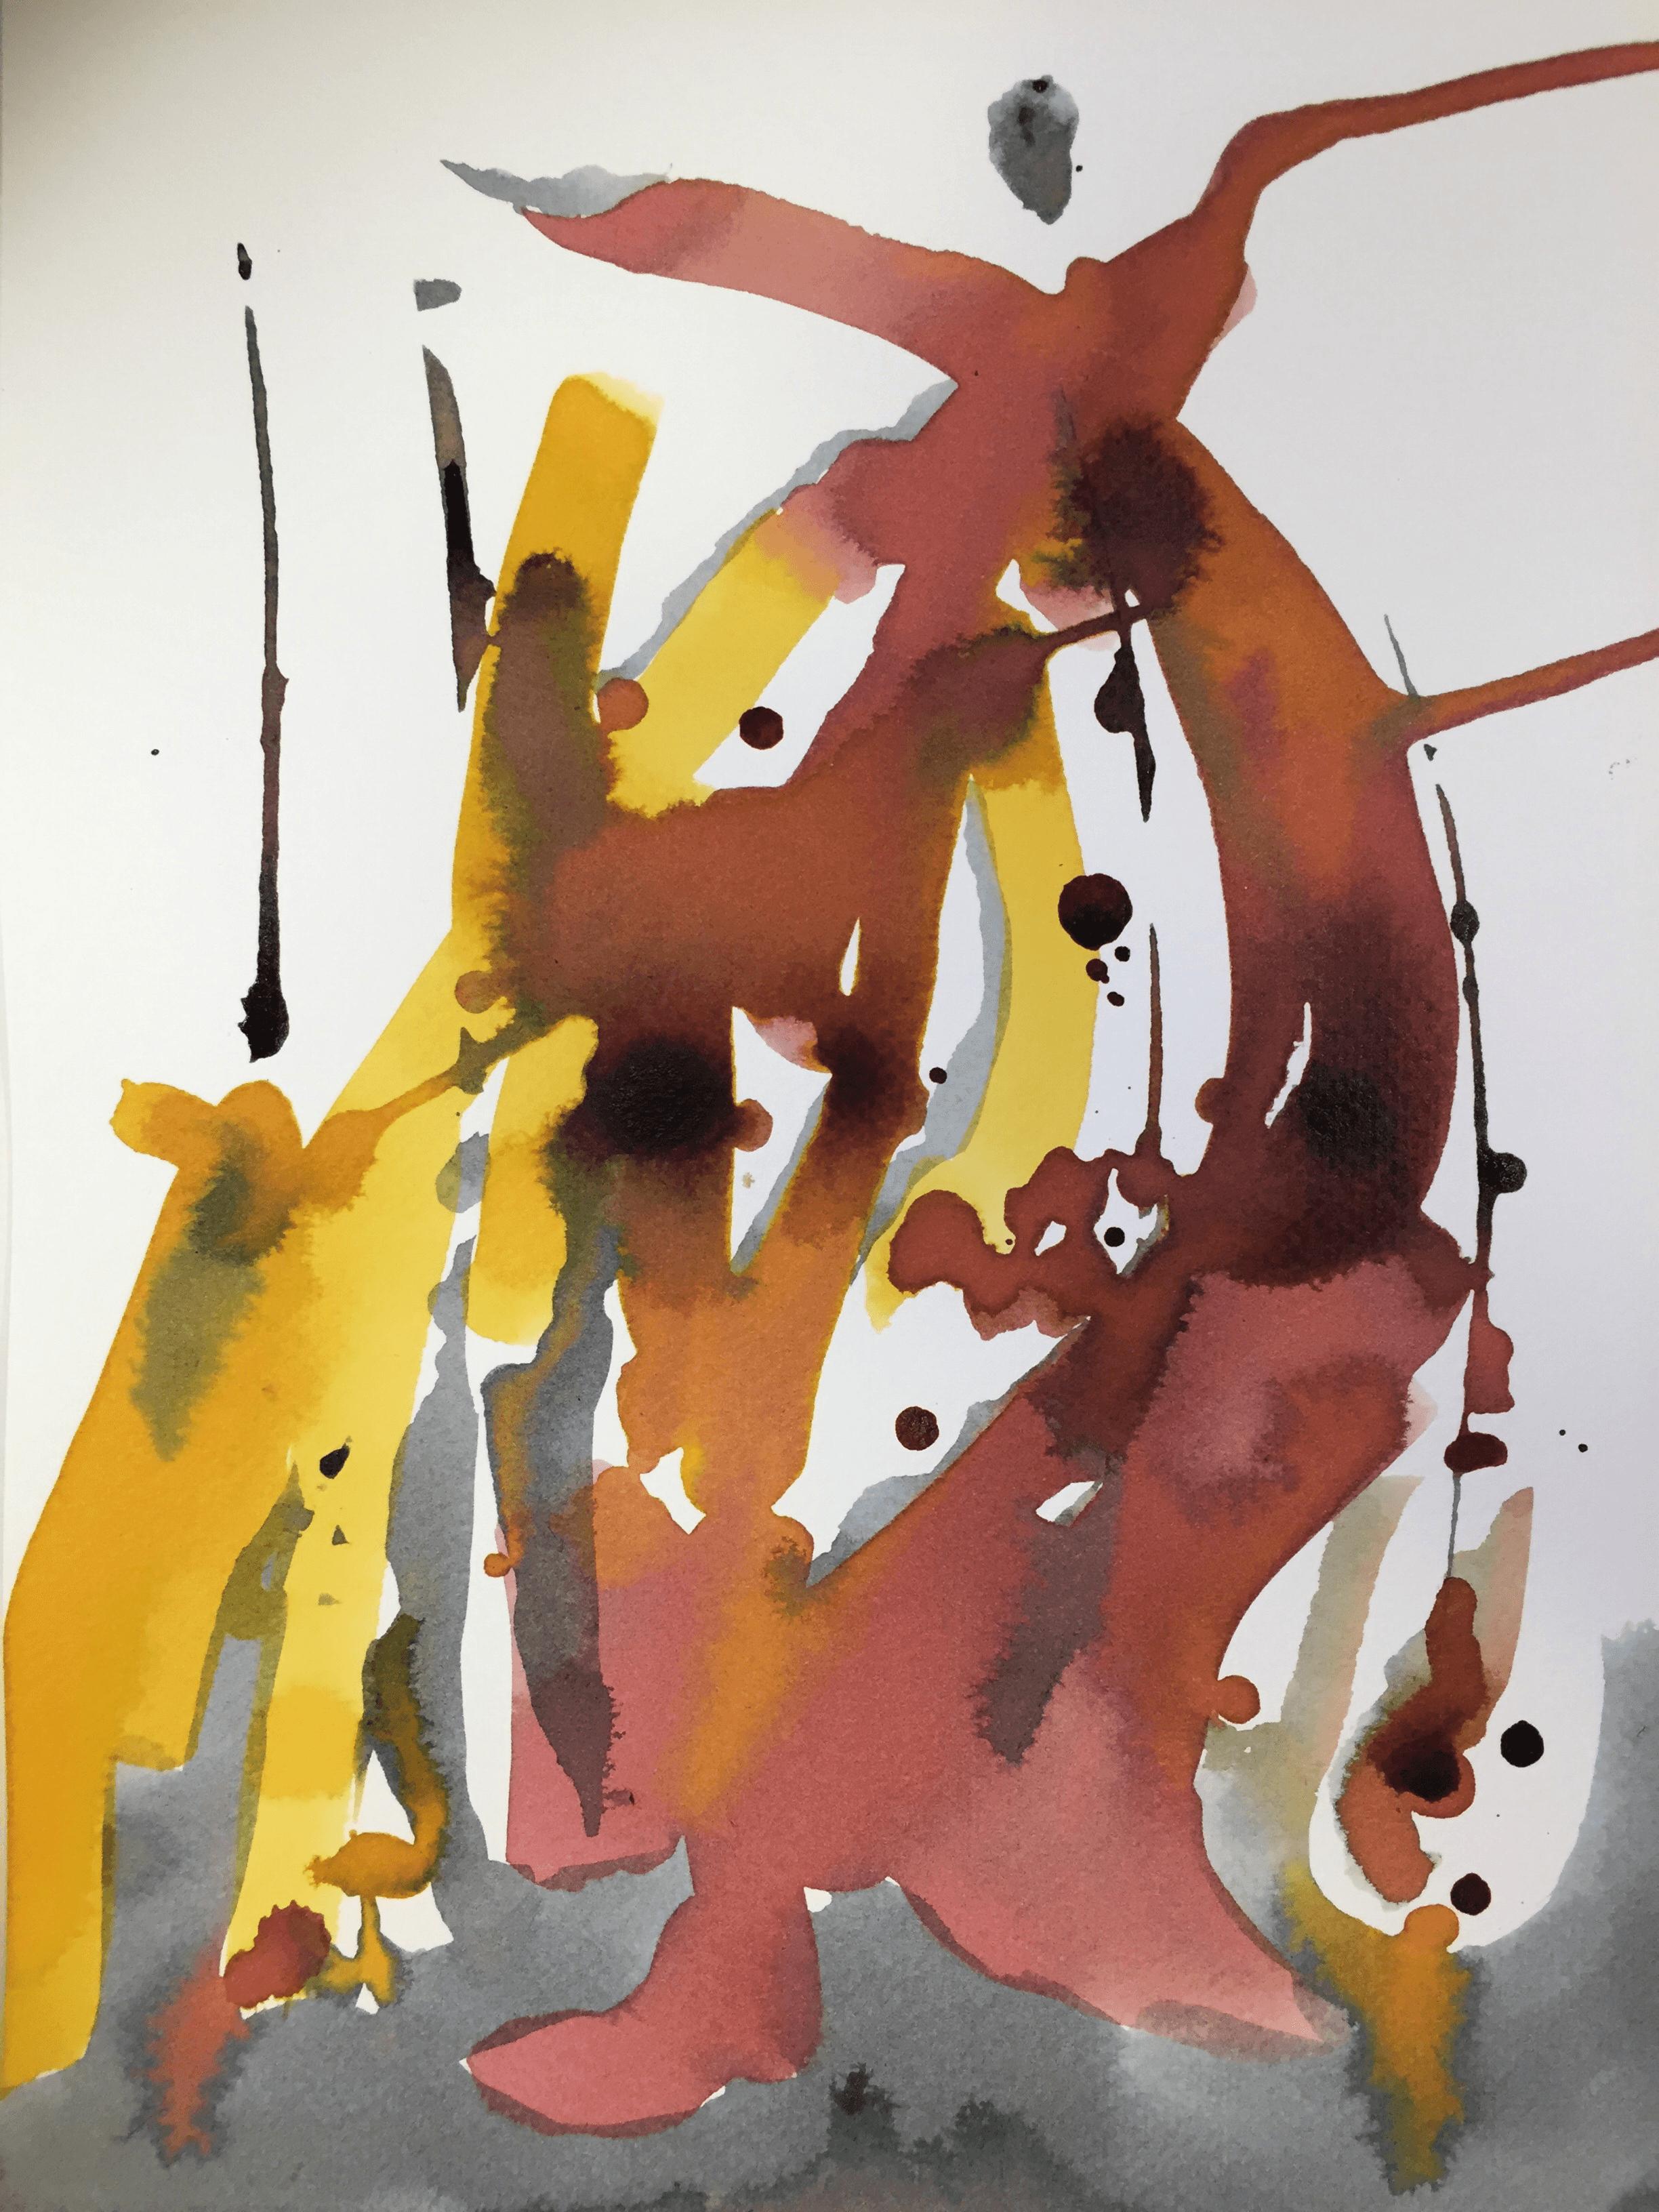 8-11 ans - L'art par le geste